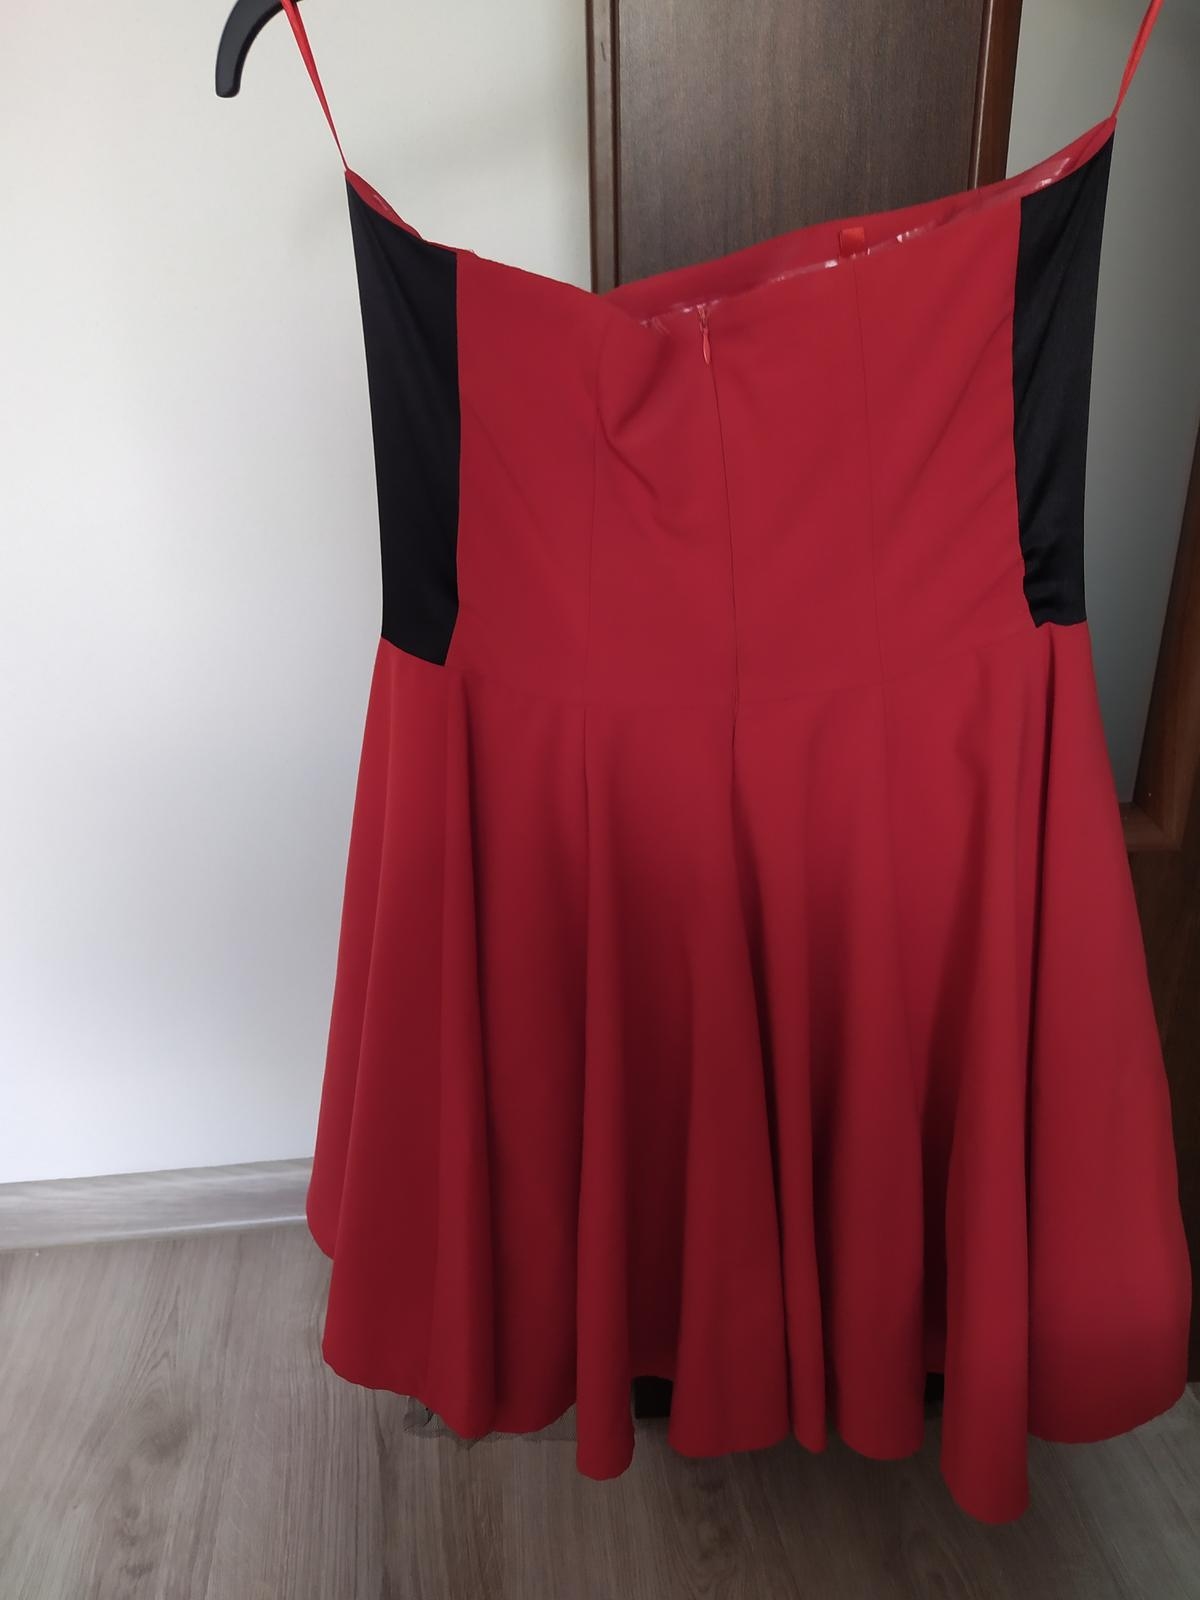 Dámske šaty - M/L - Obrázok č. 1